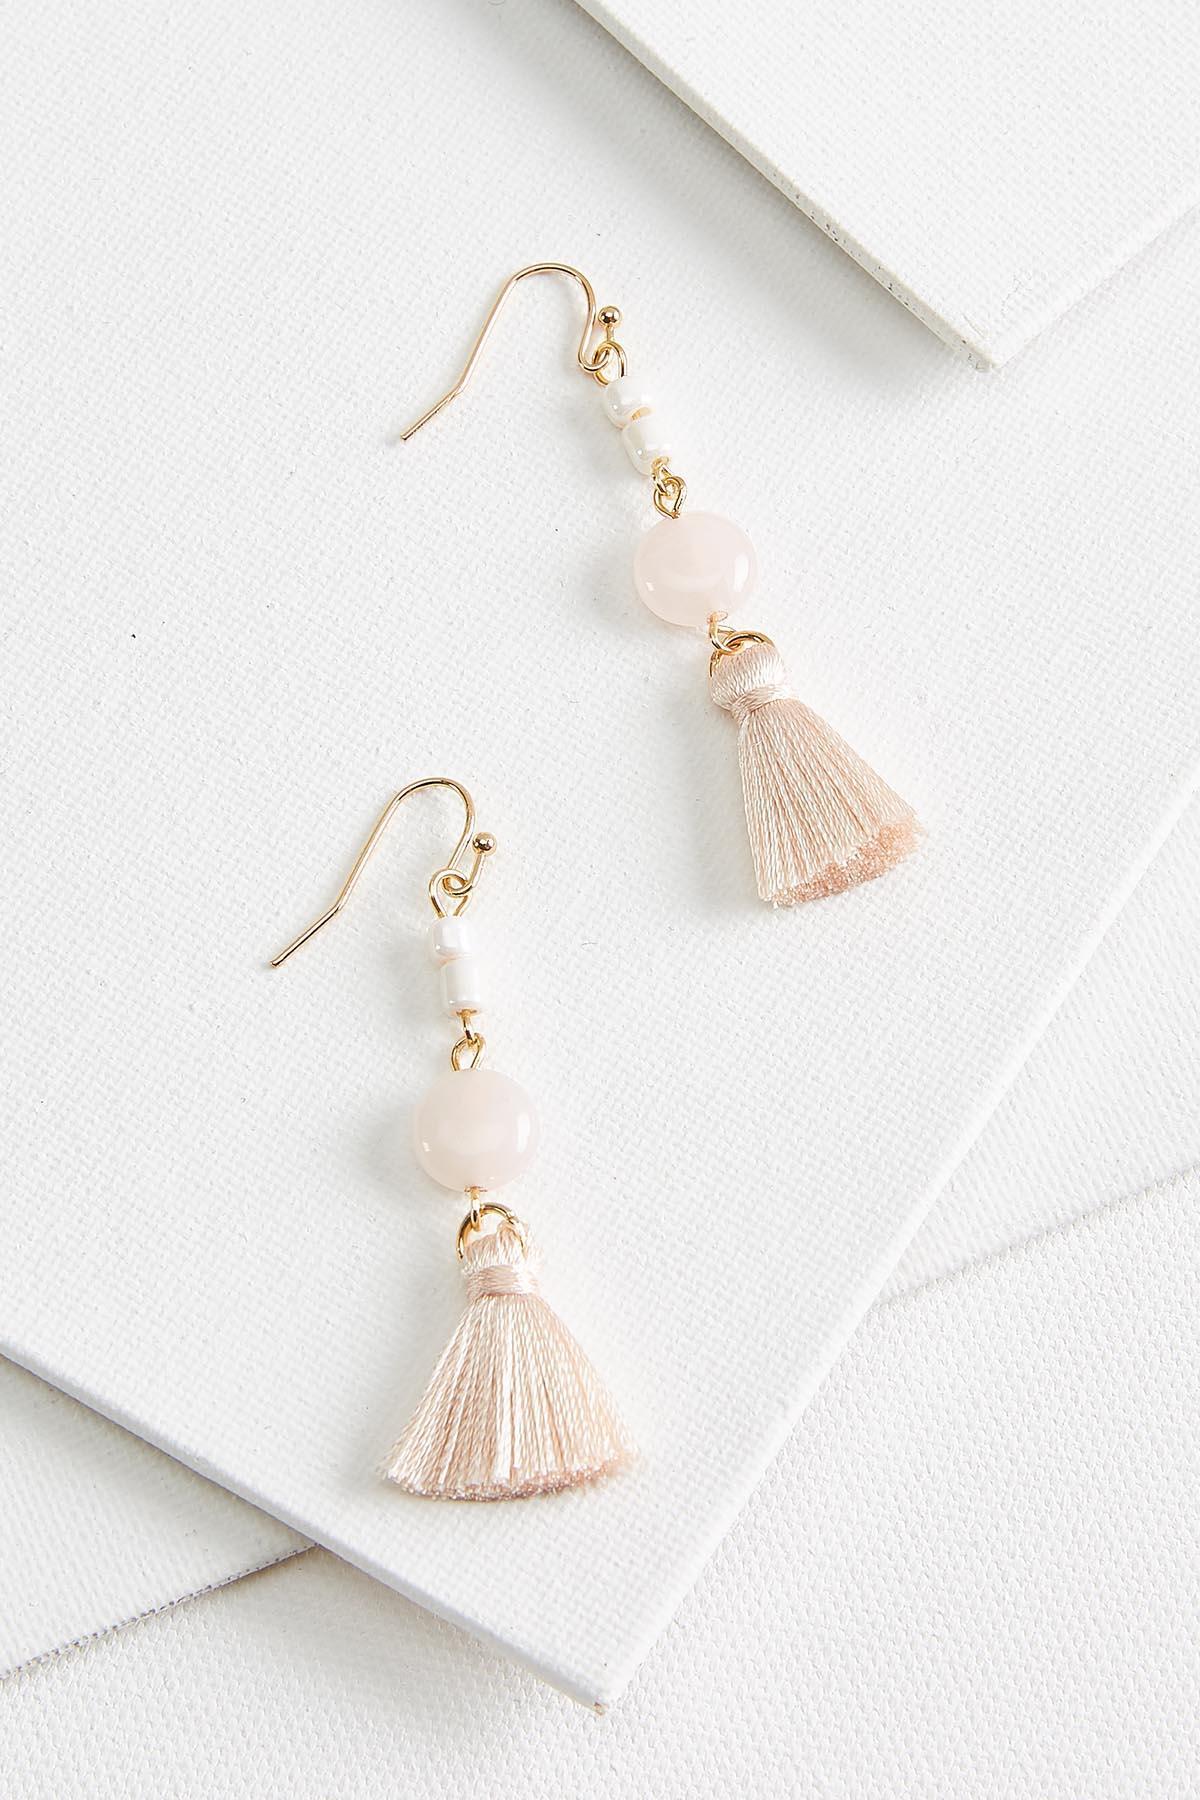 Teeny Tiny Tassel Earrings